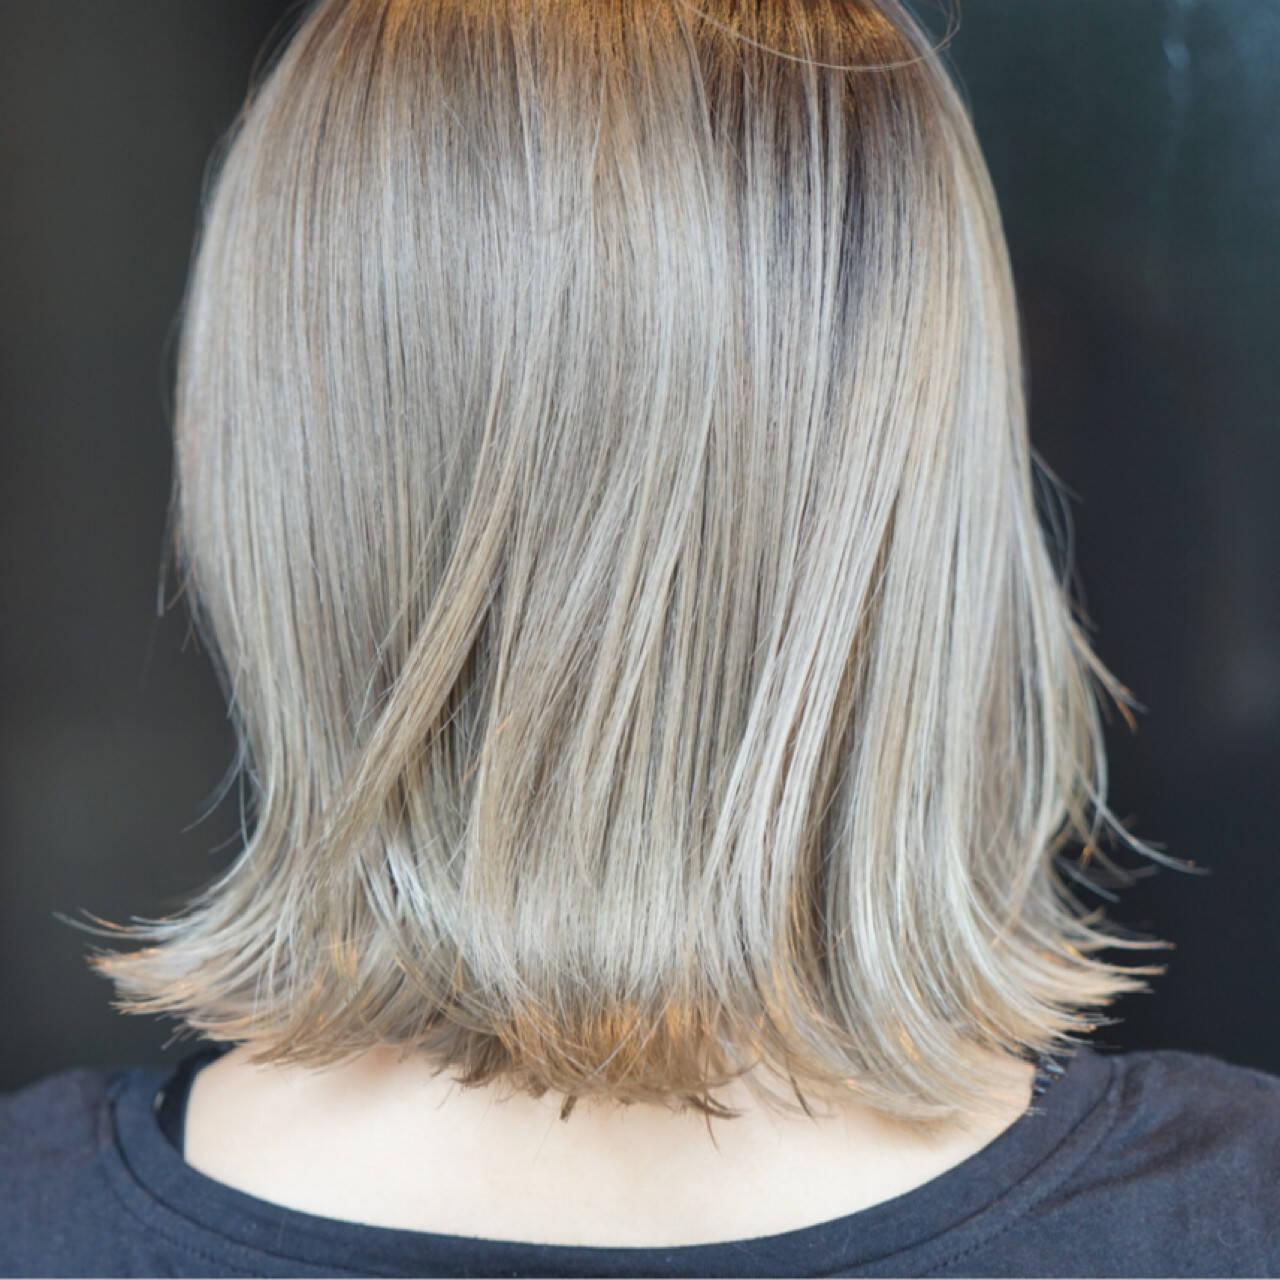 ウェットヘア グラデーションカラー モード ブリーチヘアスタイルや髪型の写真・画像